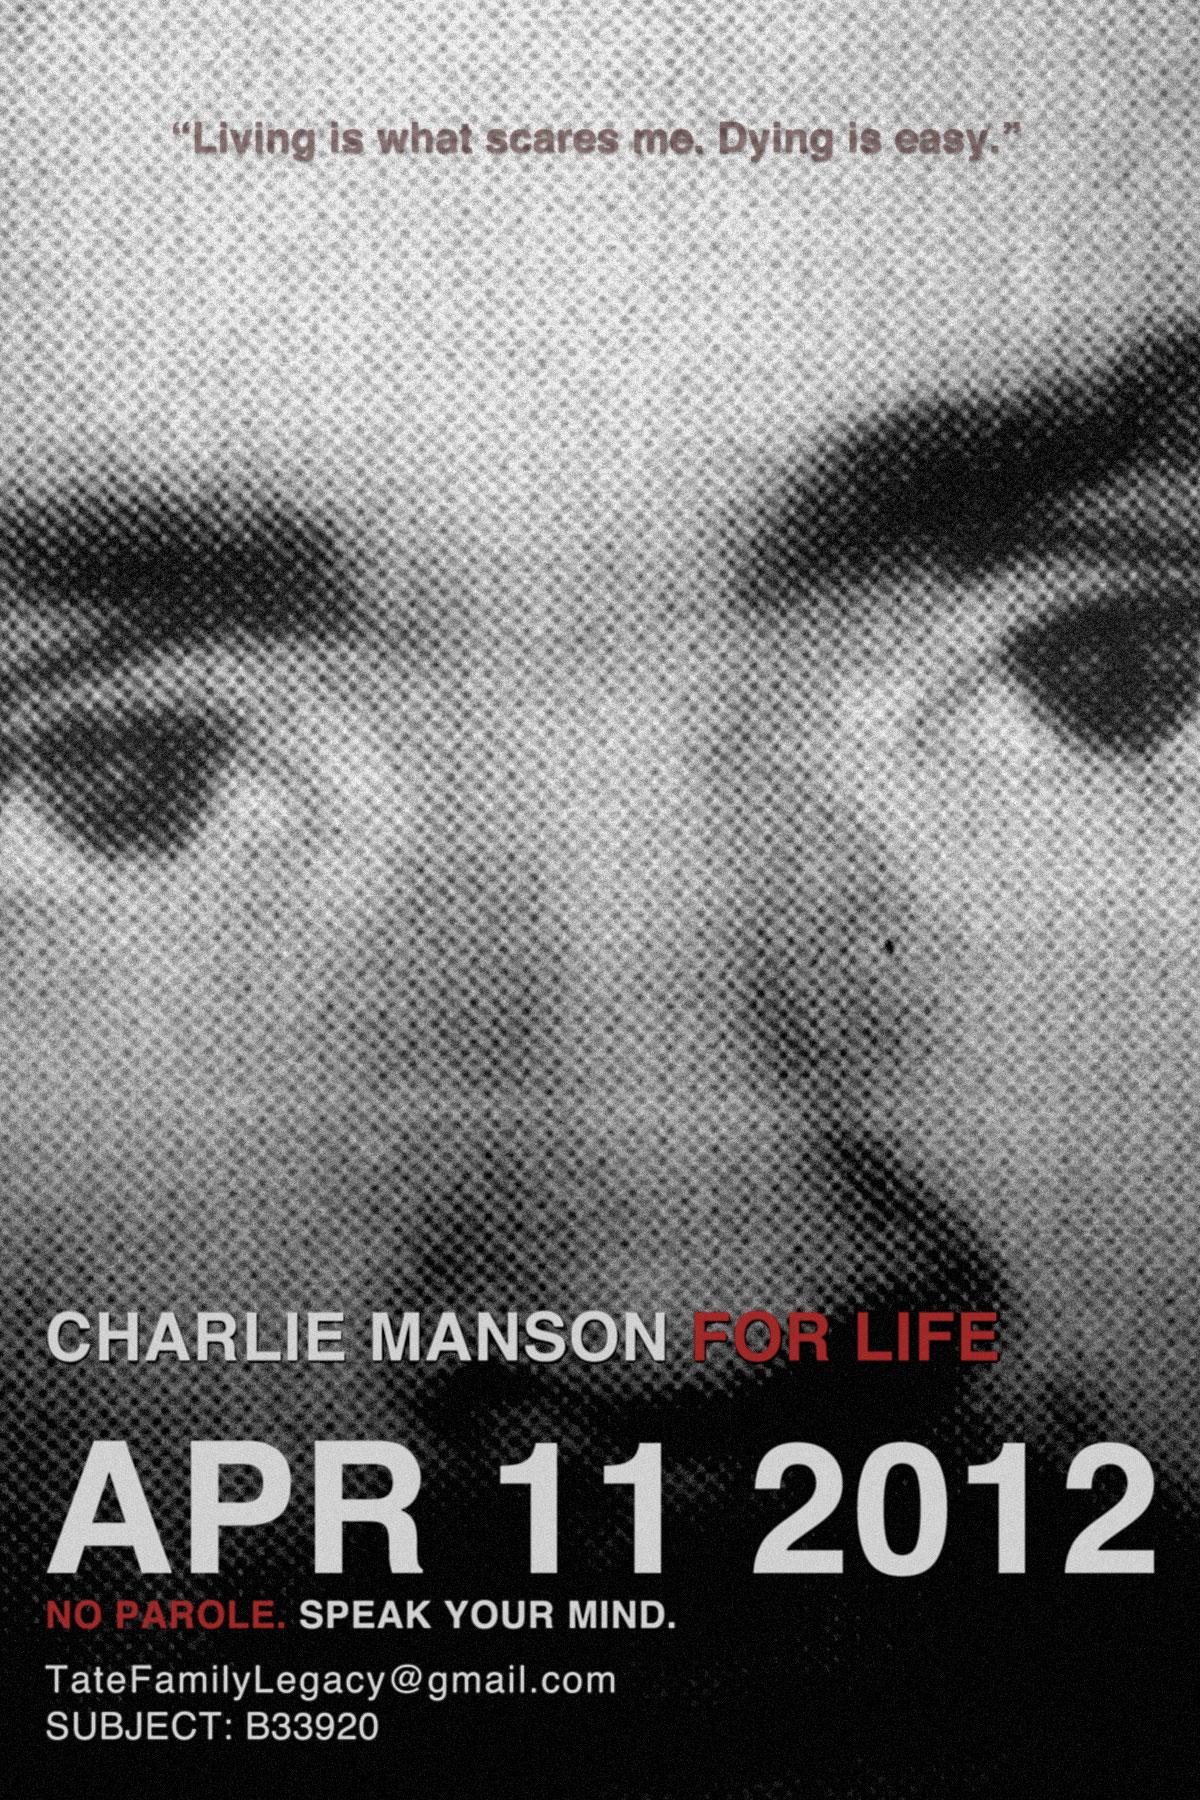 Charlie Manson parole PSA